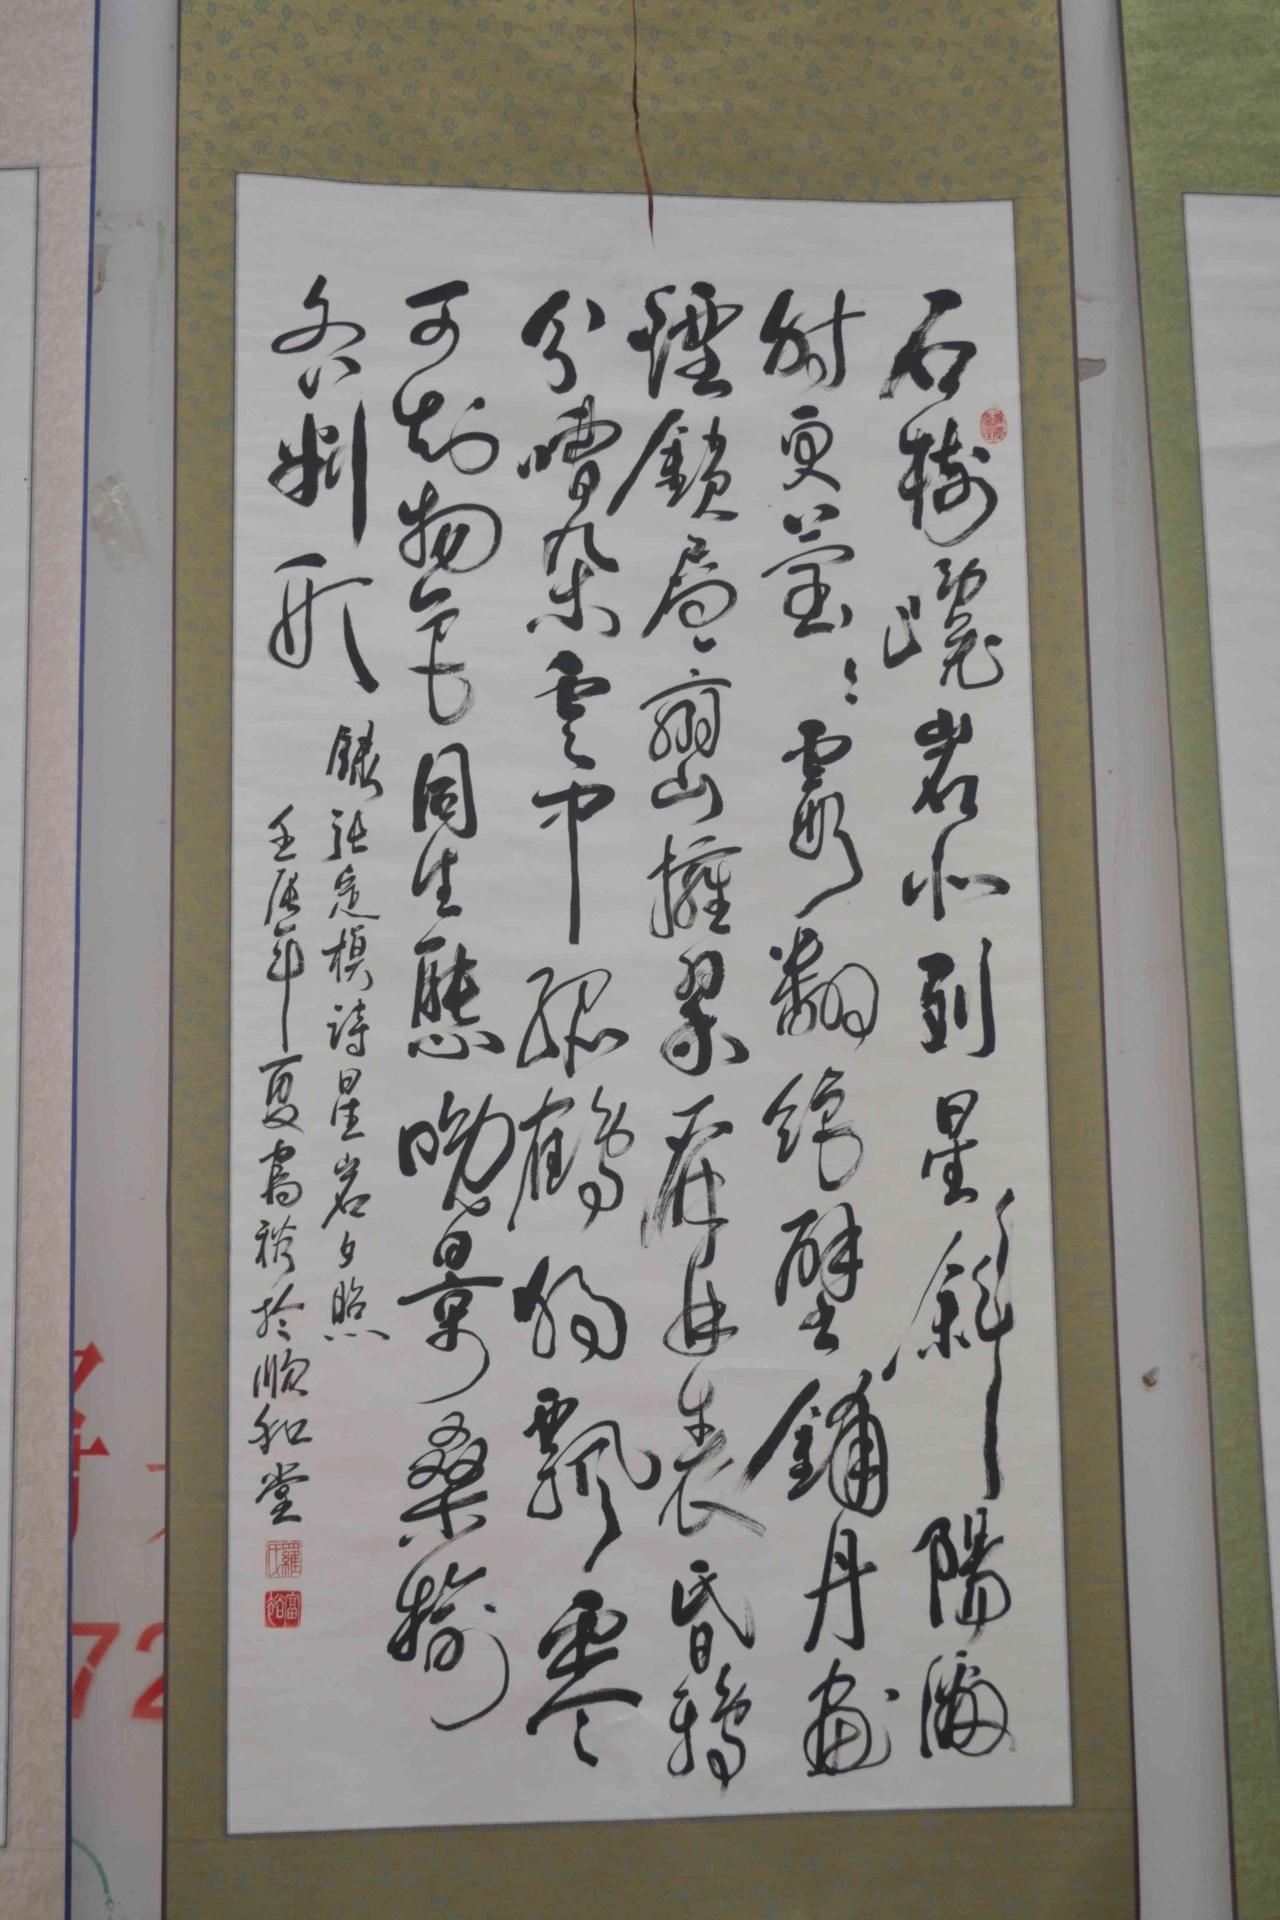 锦绣利川百幅诗词书画作品大家评【12】